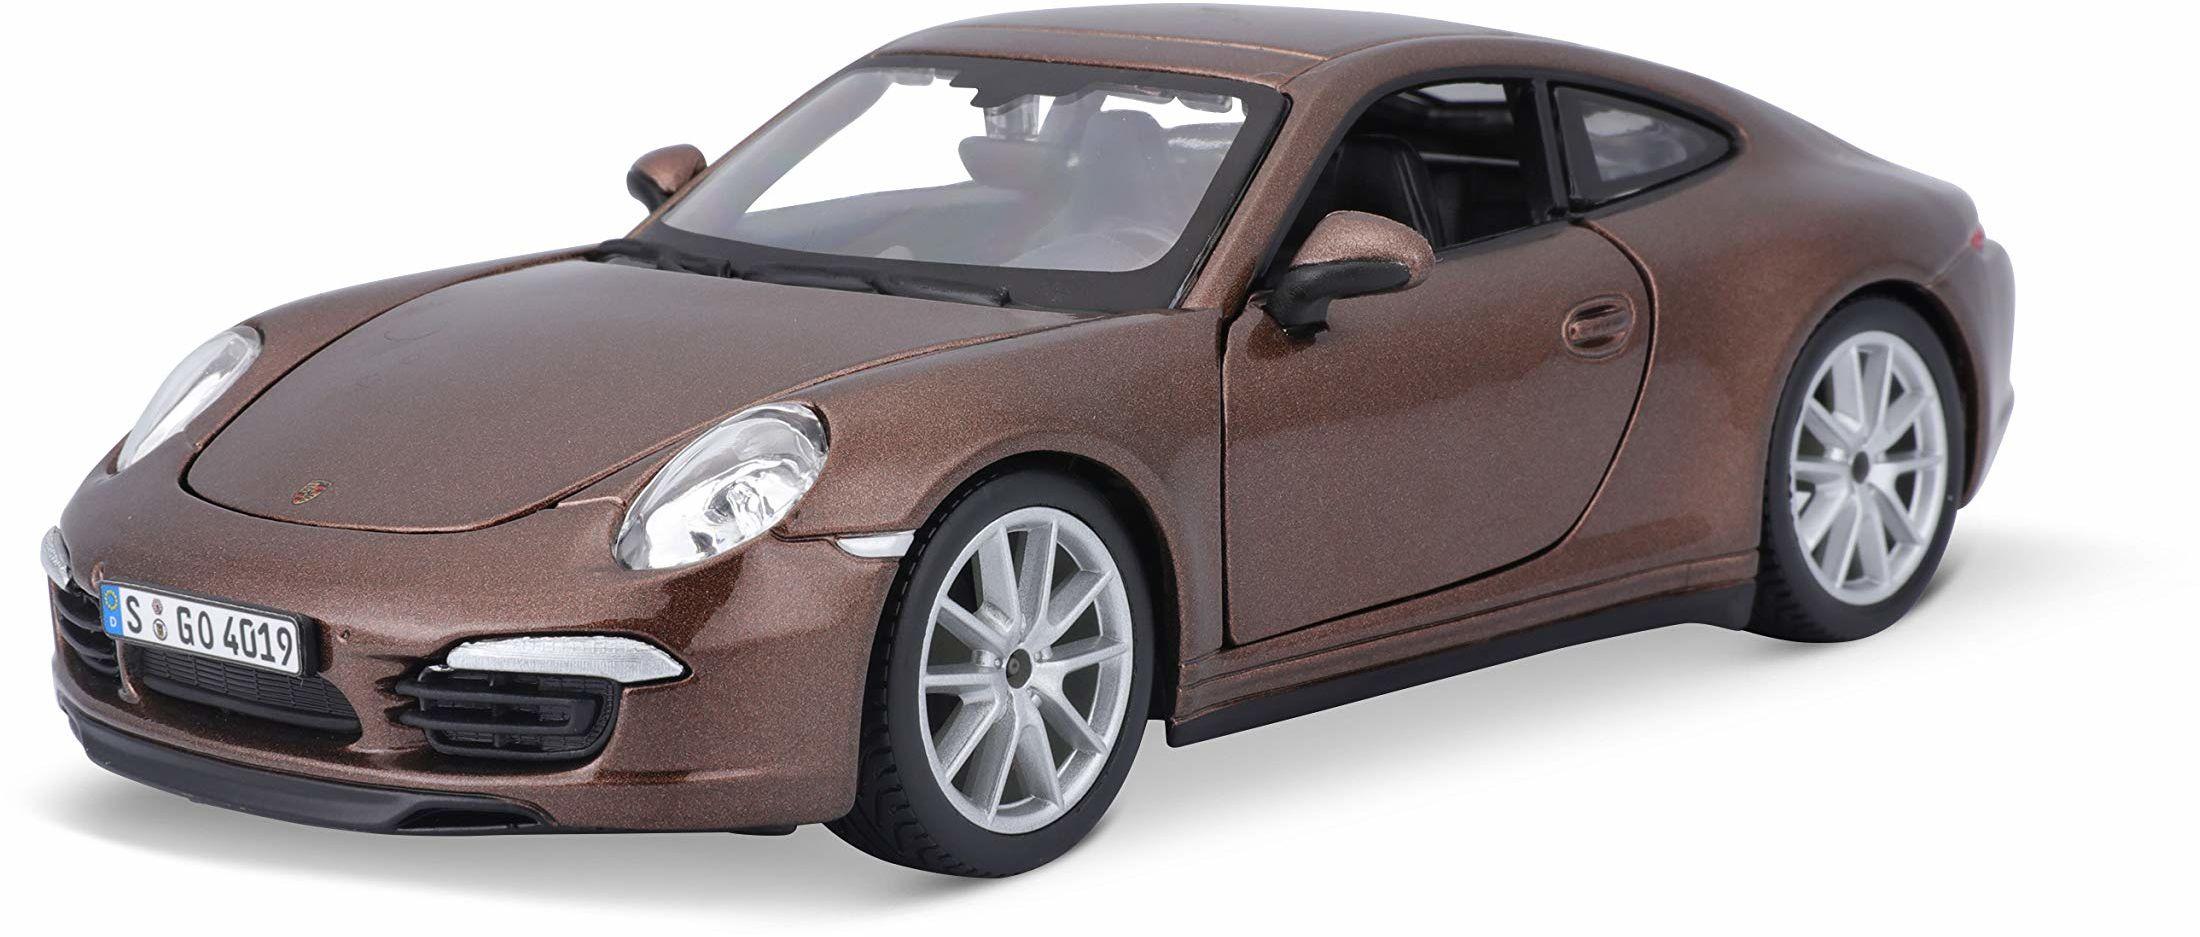 Bauer Spielwaren Bburago Porsche 911 Carrera S: model samochodu w skali 1:24, drzwi i maskę silnika do otwierania, skrętny, 19 cm, matowy brązowy (18-21065)